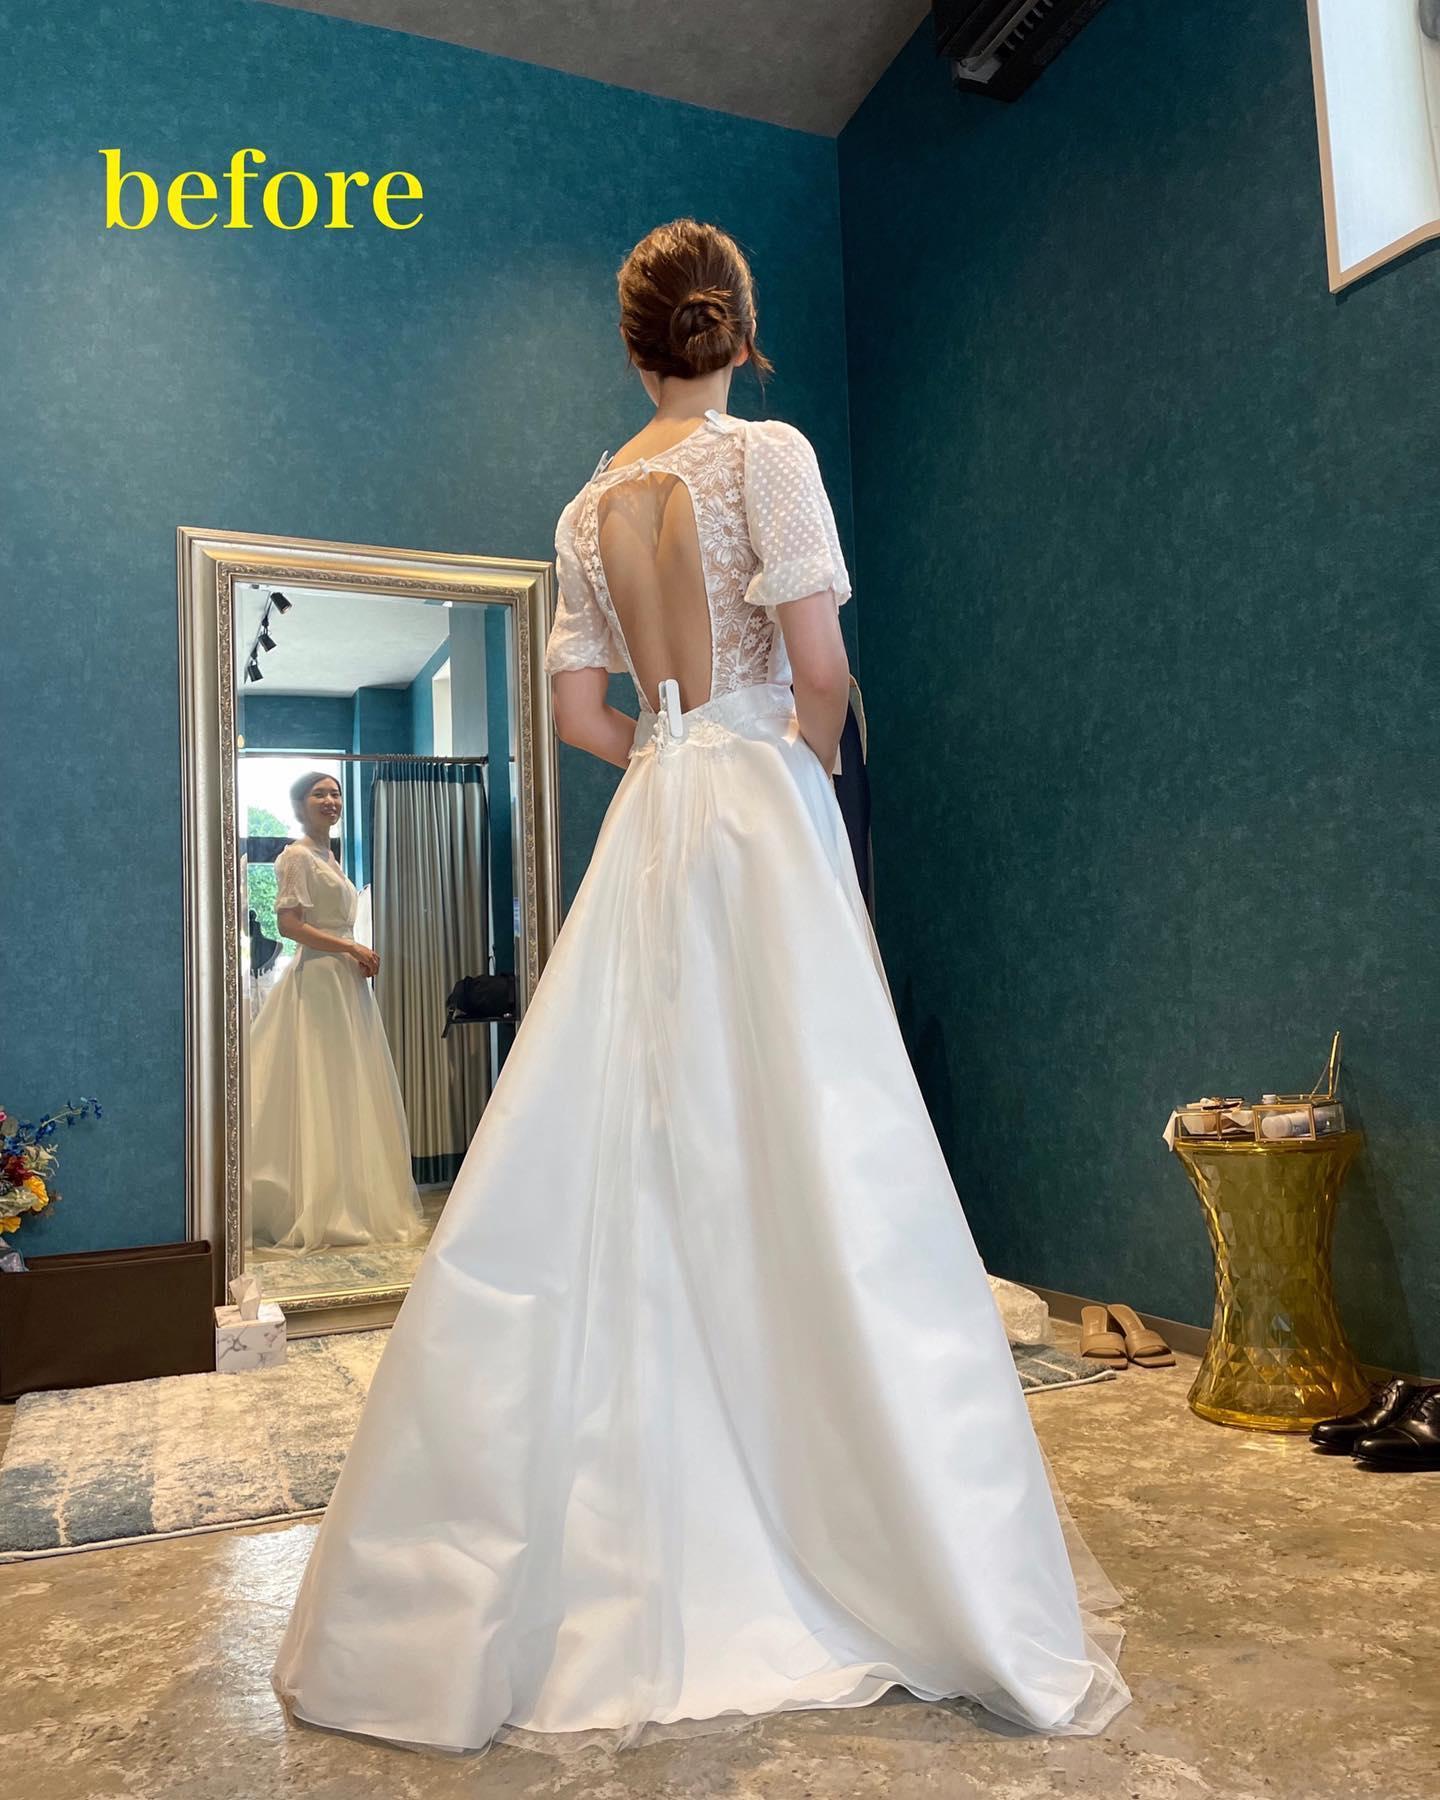 ・今日は先日のyogaイベントのご紹介🧘♀️@myk_bridalyoga さまとコラボさせていただきました・まずはdressを選んでいただき選んだドレスに合わせてyogaのレッスンをしていきます・選ぶdressによって、このドレスなら鎖骨を綺麗に見せたい…このドレスなら背中を美しく見せたい…など、dressの特徴によって最大限に美しく魅せたいpointってありますよね・いつもは笑顔がとってもcuteなmayuka先生もlessonの時は真剣な表情️・前回のご新婦さま同様、もともとすでに姿勢のいいご新婦さまなのですが、レッスン後は更に美しく真っ直ぐに・姿勢って本当に奥が深いですね…mayuka先生の生徒様達からは「姿勢が良くなると似合うドレスの幅が広がり試着が楽しい❣️」というお言葉をよく伺います🥺・また定期開催を予定してますので今回ご都合が合わなかった方もぜひまたご応募お待ちしております・@myk_bridalyoga 先生ありがとうございました🧘♀️・#wedding #weddingdress #claras #paris #vowrenewal #aoyama #yoga#ウェディングドレス #プレ花嫁 #ドレス試着 #2021夏婚 #2021冬婚 #ヘアメイク #結婚式  #ドレス選び #前撮り #後撮り #フォトウェディング #ウェディングヘア  #フォト婚 #前撮り写真 #ブライダルフォト #カップルフォト #ウェディングドレス探し #ウェディングドレス試着 #レンタルドレス #ドレスショップ#ドレス迷子 #ヨガ #ブライダルヨガ